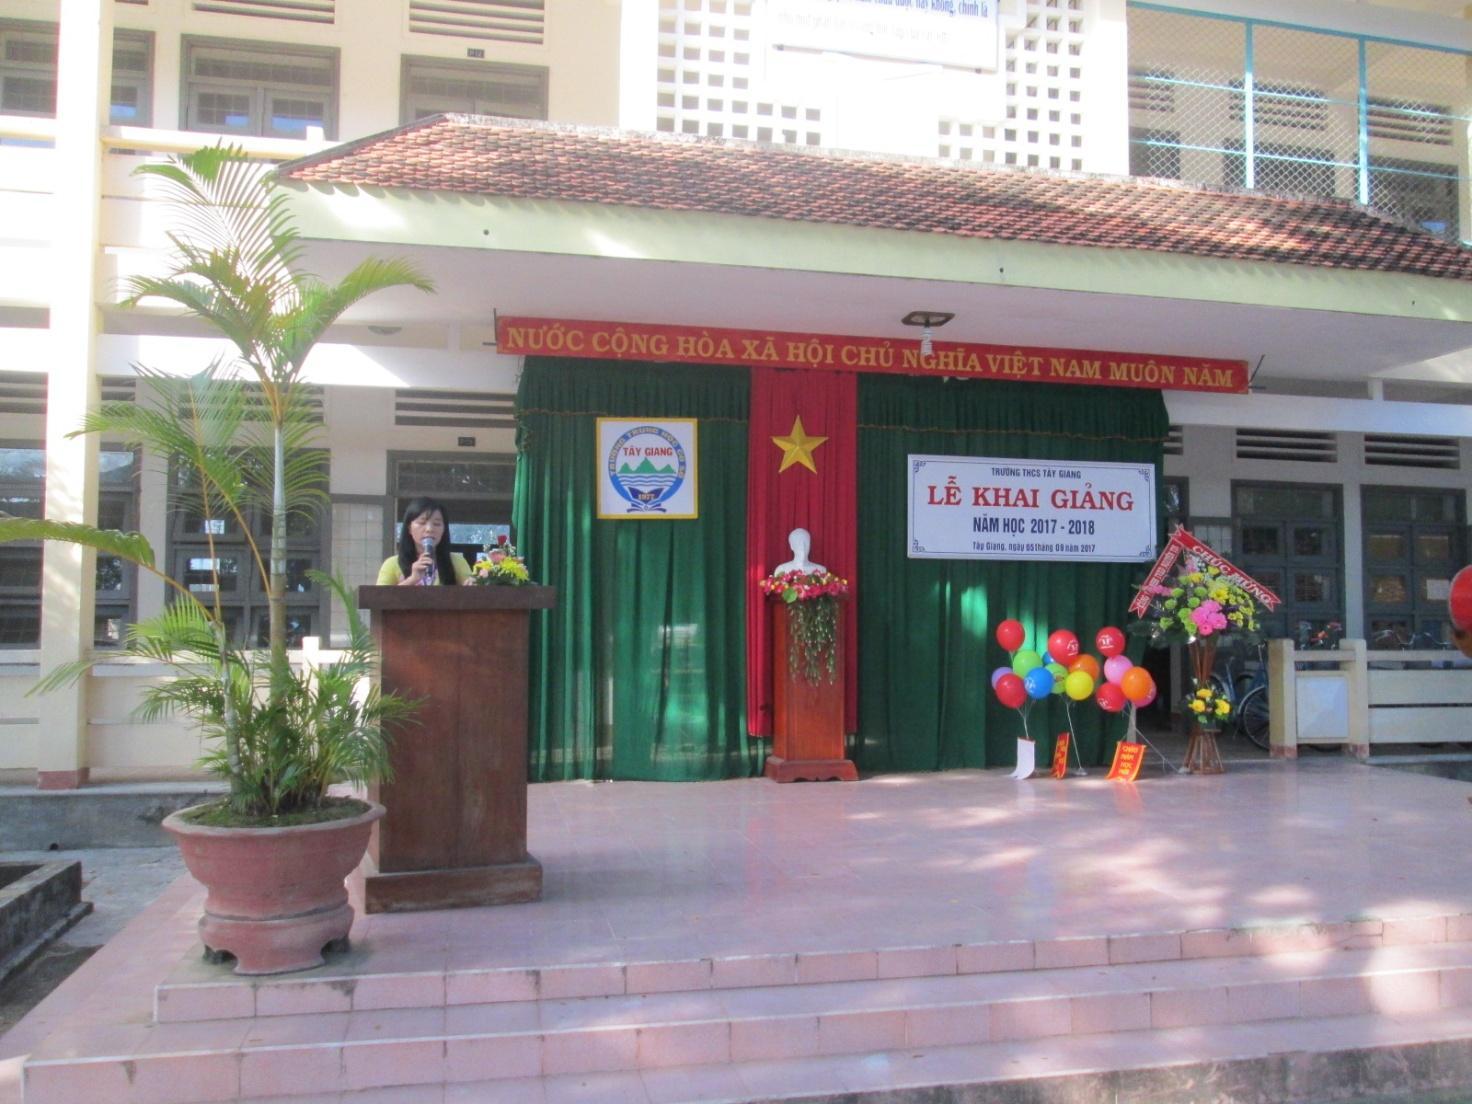 Cô Nguyễn Thị Trung Hiếu – Bí thư Chi bộ, Hiệu trưởng nhà trường đọc diễn văn khai mạc.